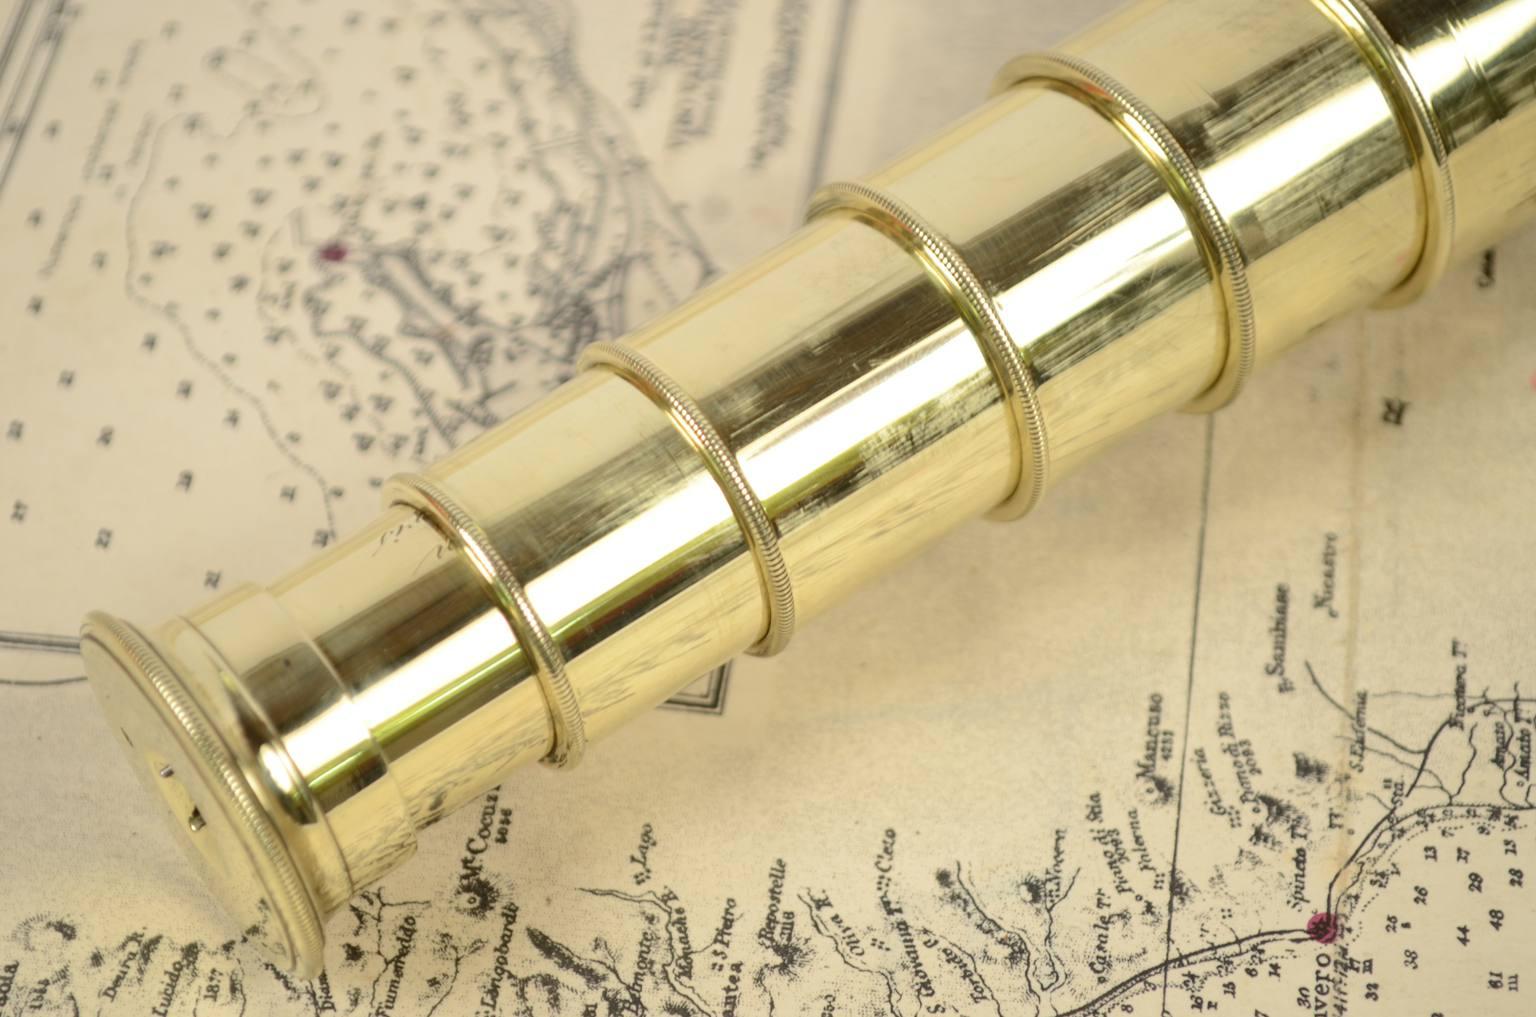 Antiquariato nautico/6335-Cannocchiale epoca